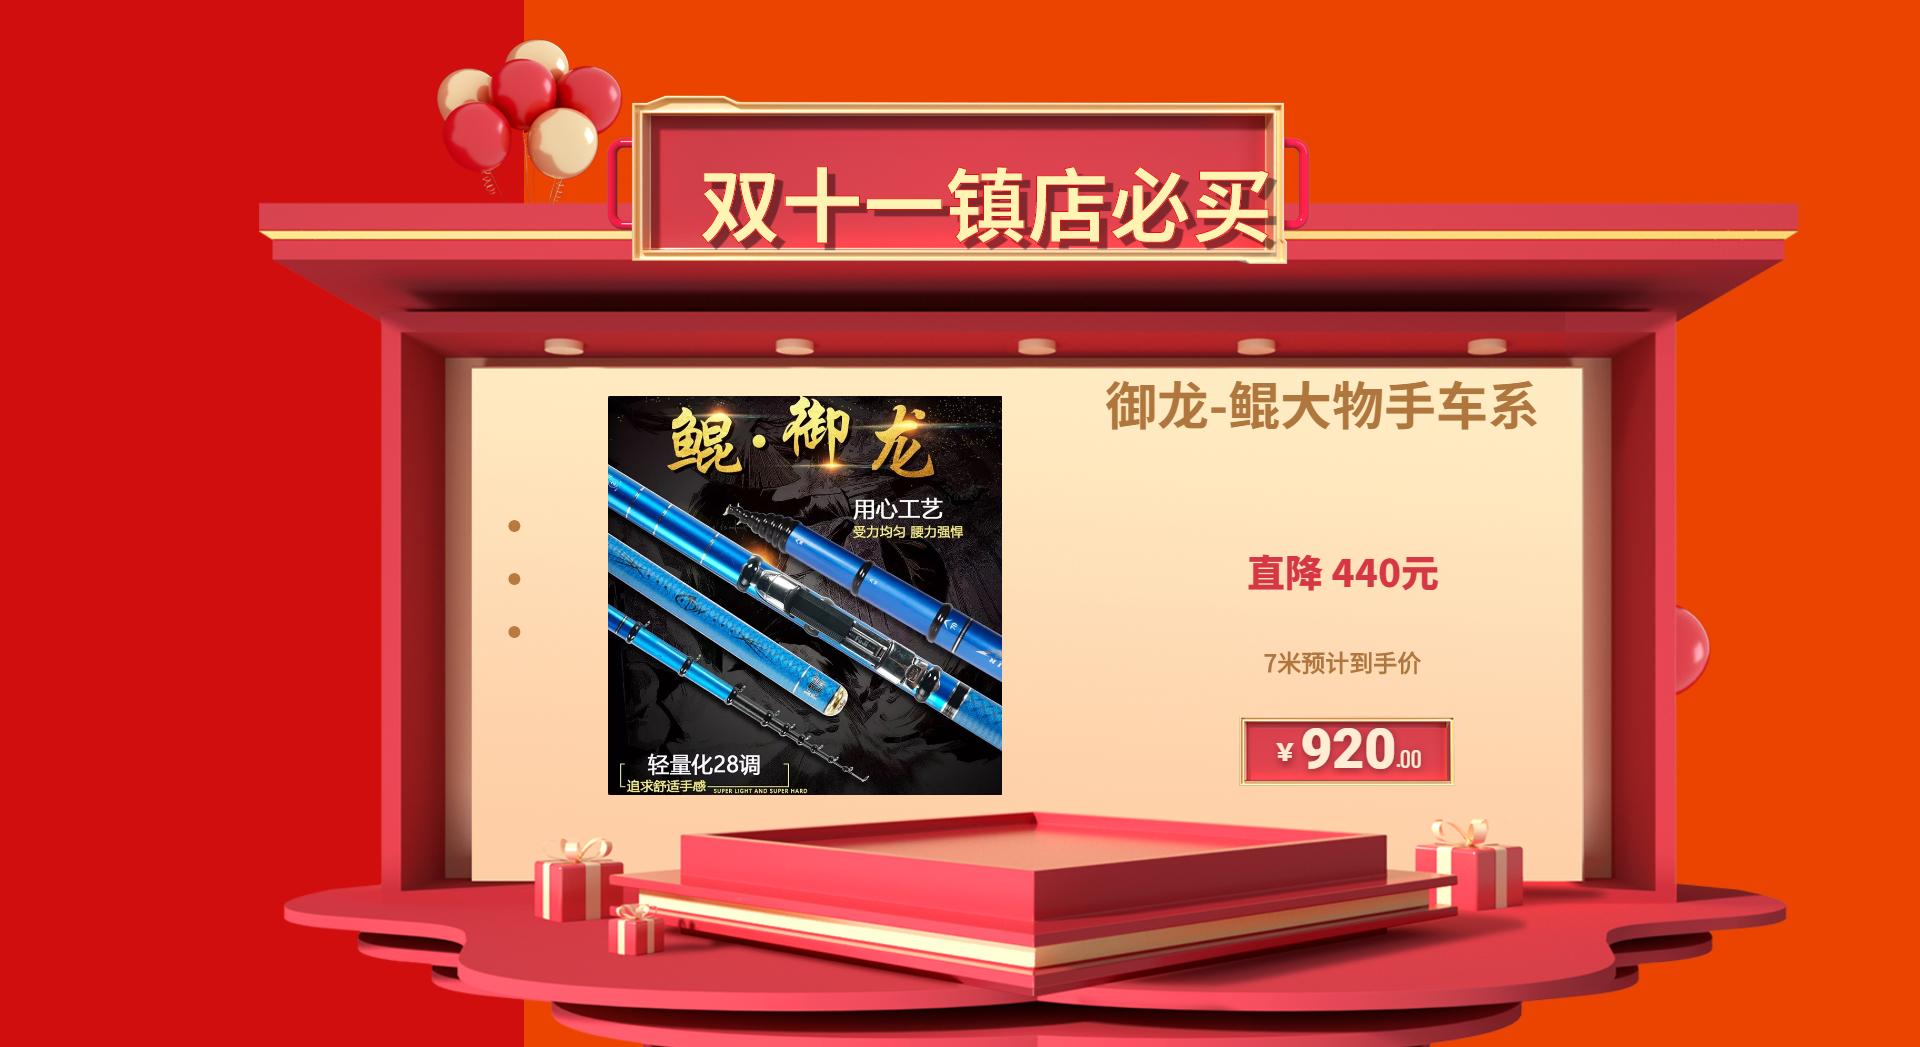 双11预售C4D数码家电店铺首页-1.png